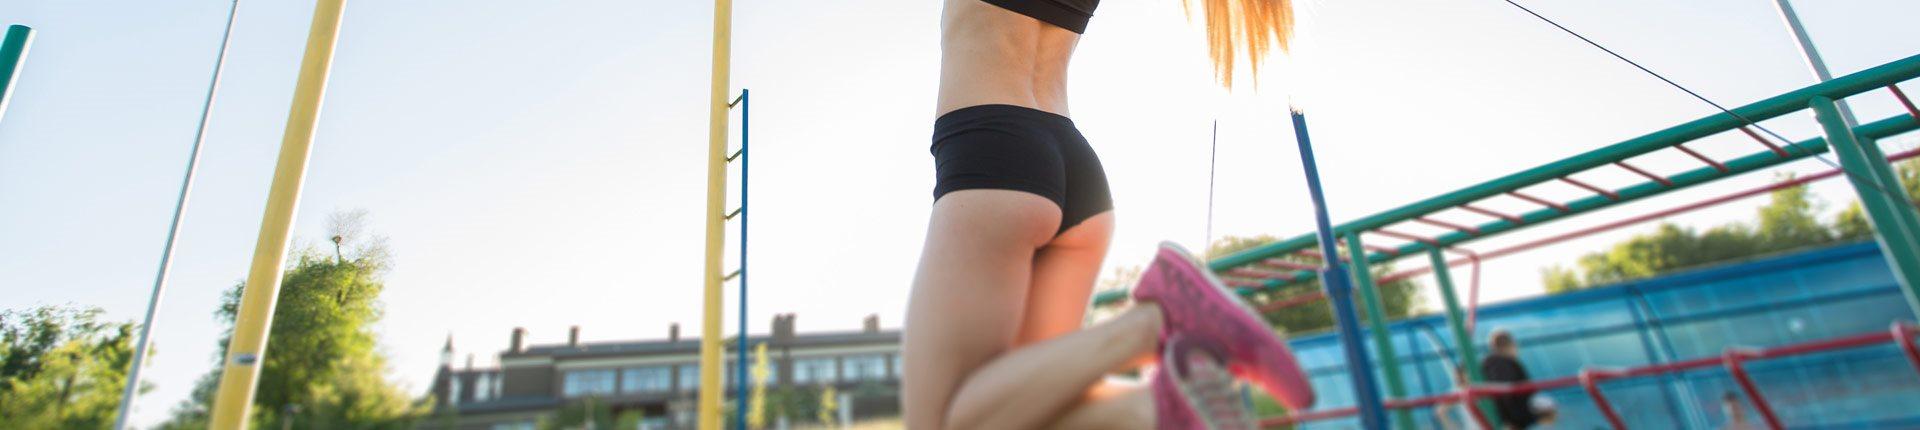 Trening na świeżym powietrzu - jakie ćwiczenia wykonywać?